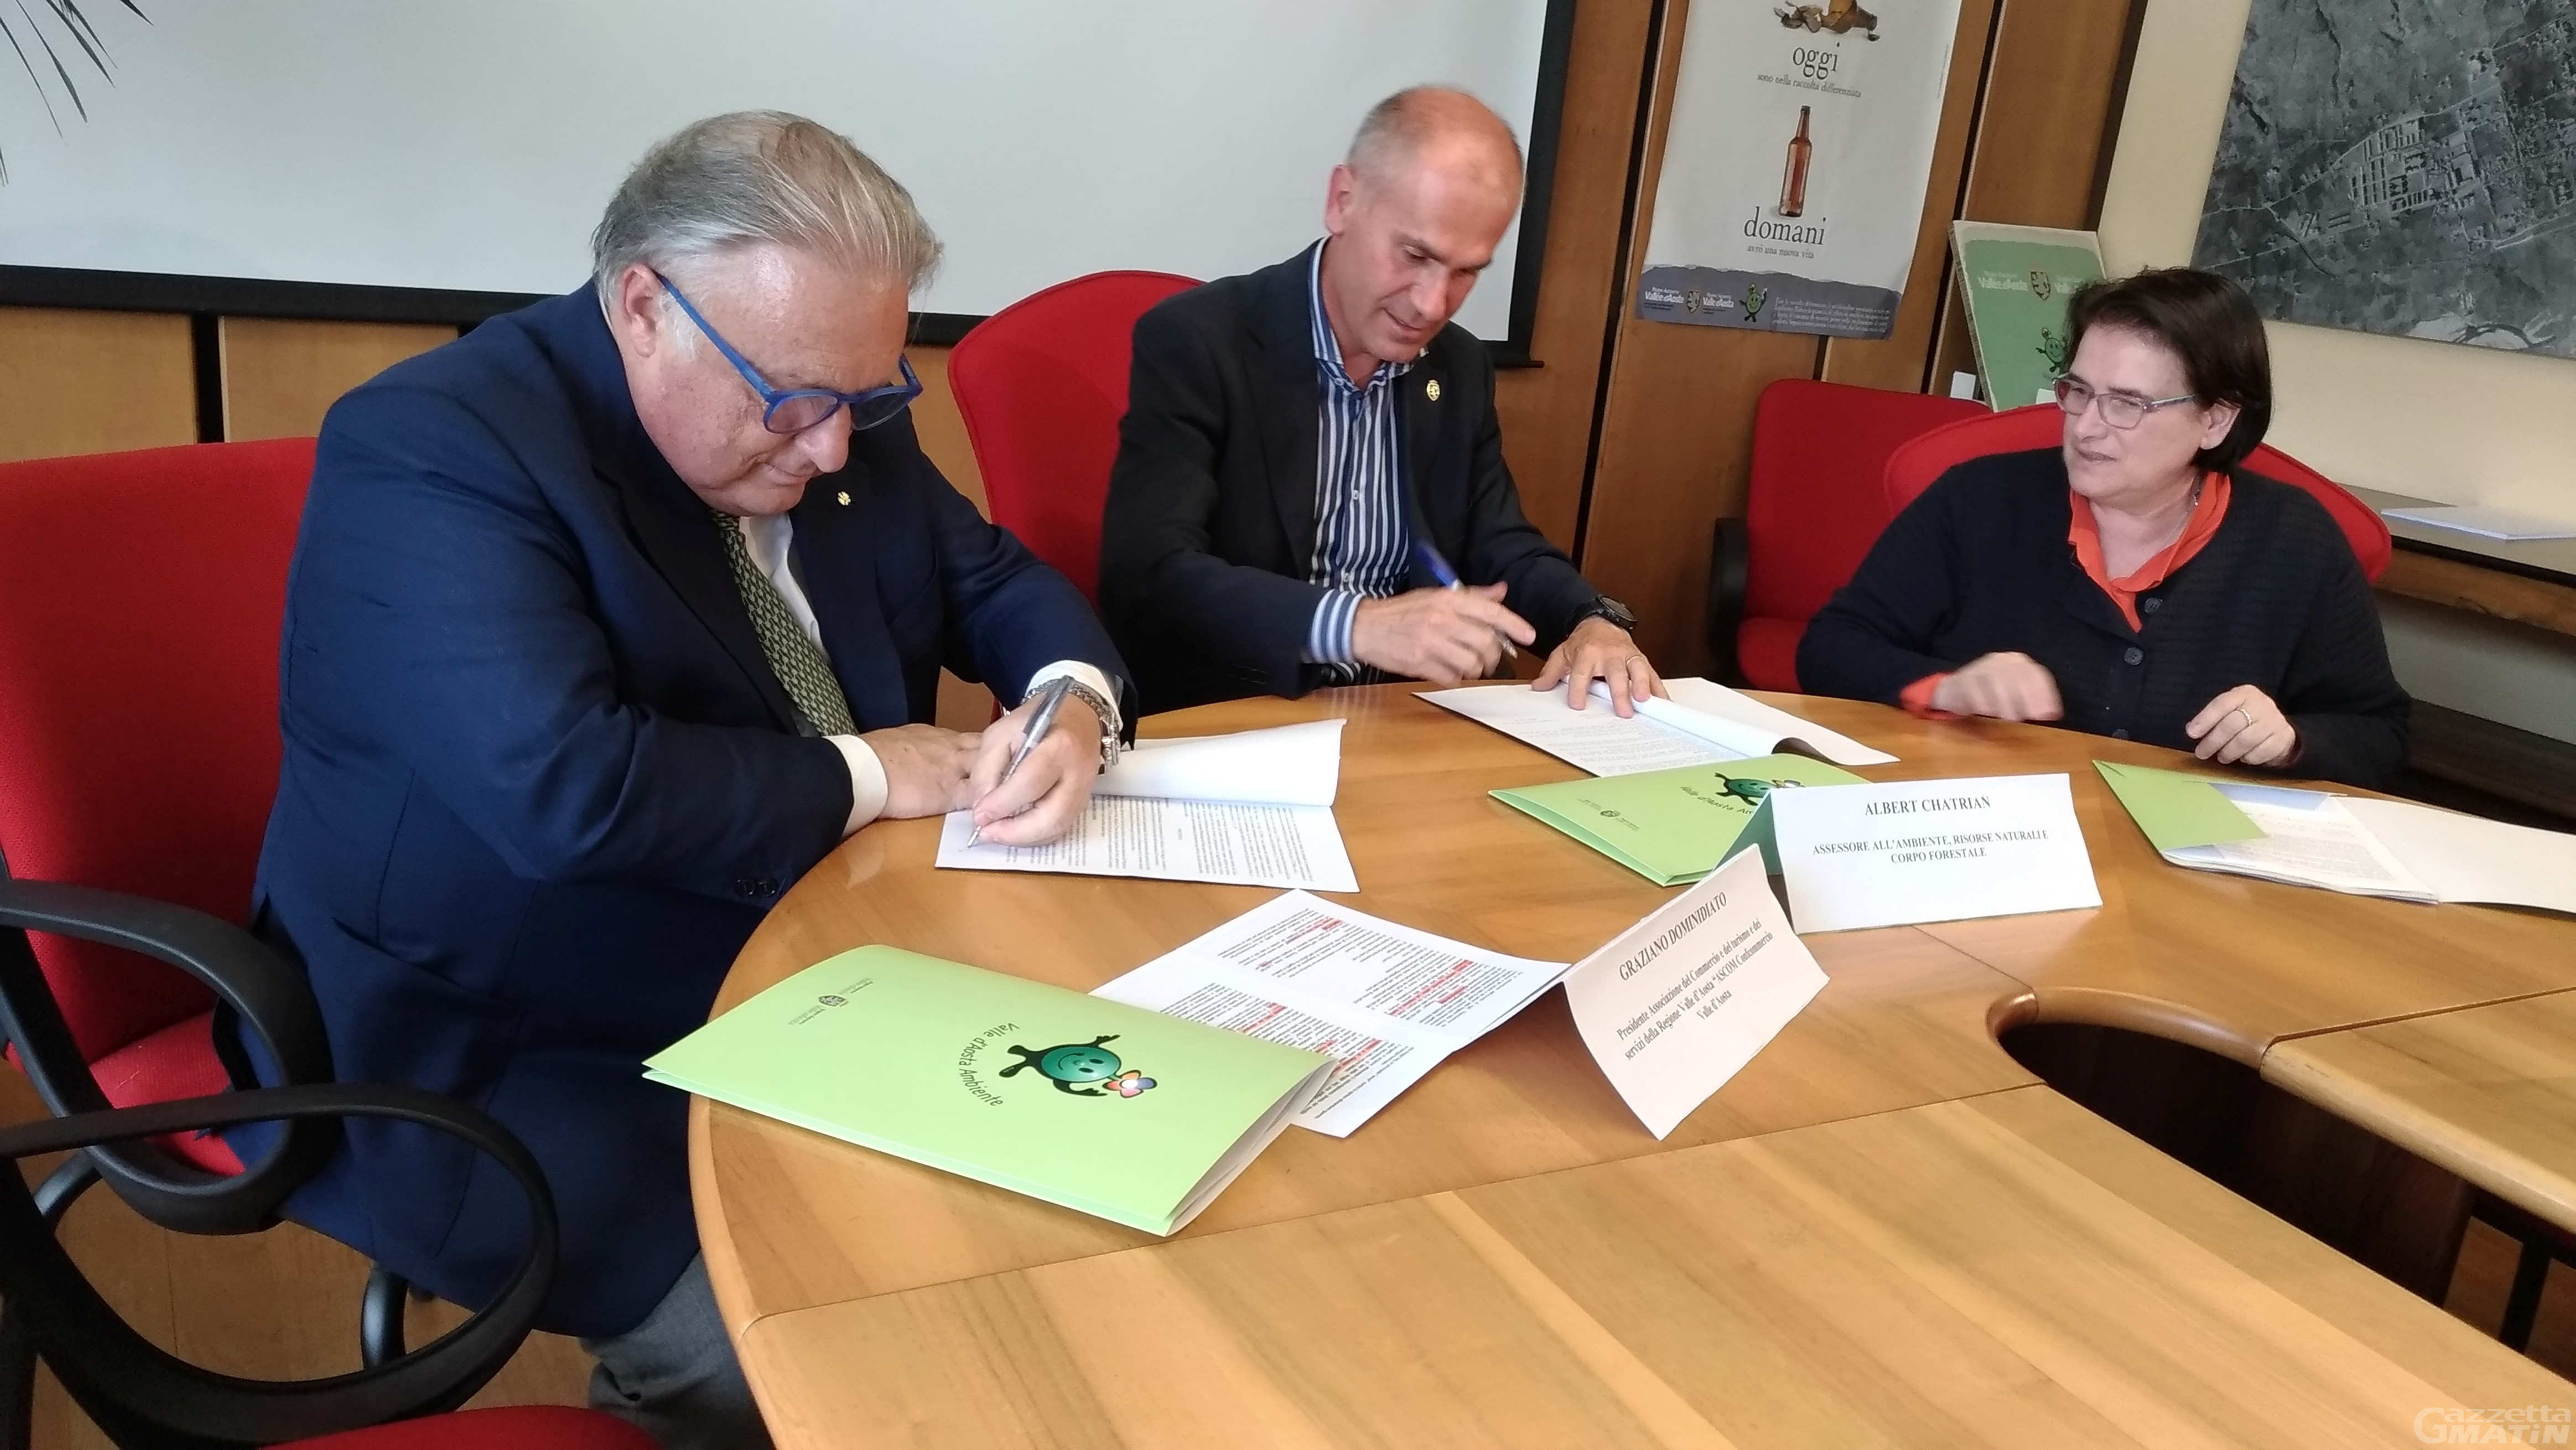 Plastic Free: Regione VdA e Ascom siglano un accordo